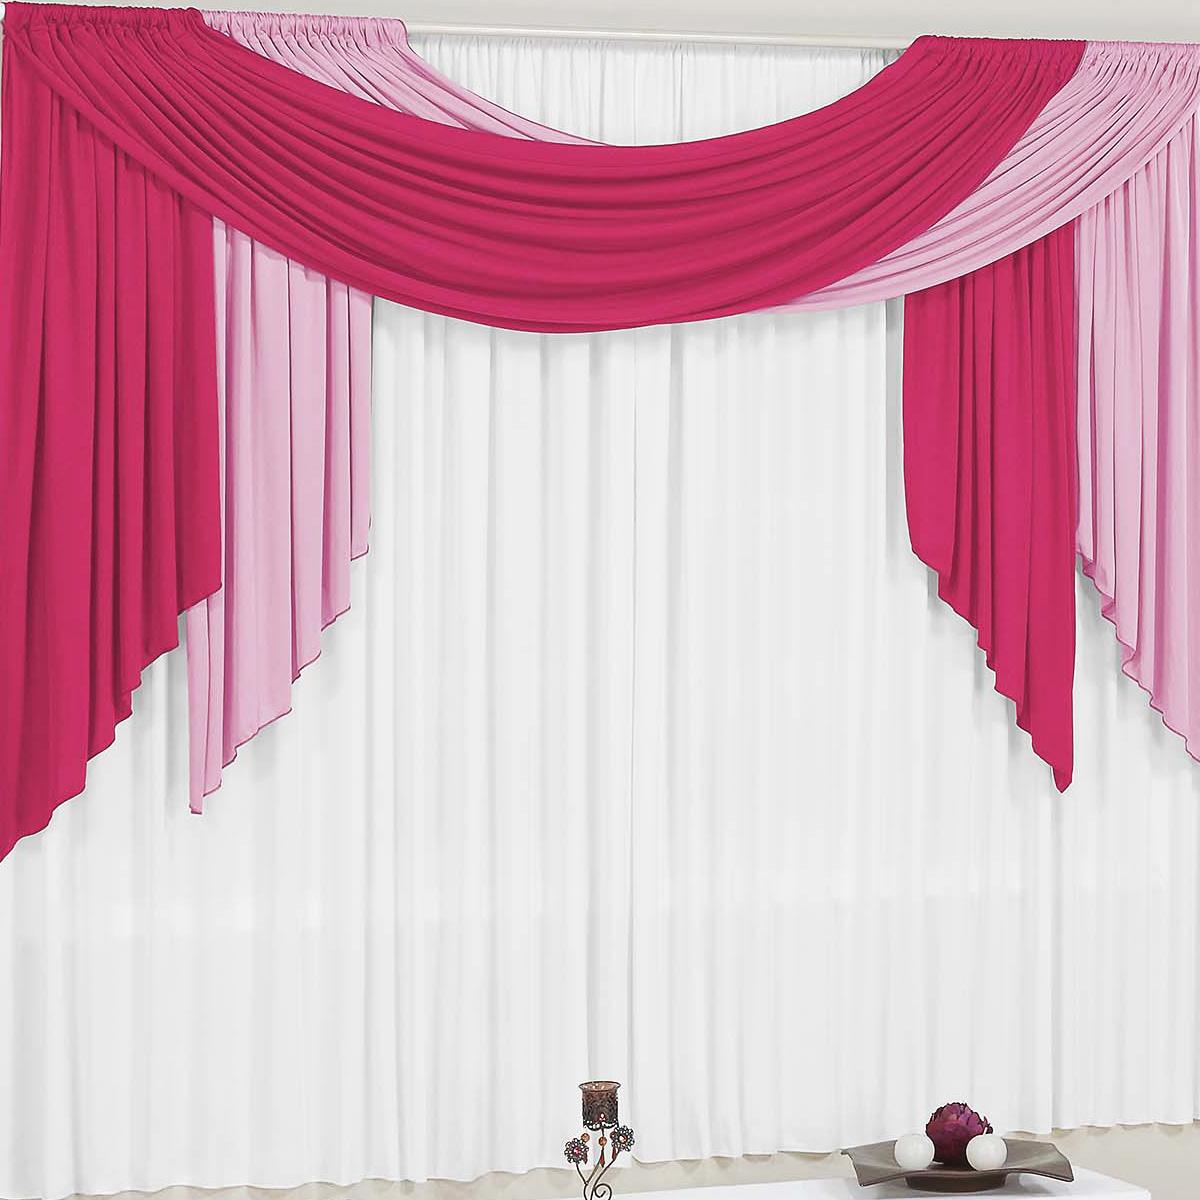 Cortina para Sala e Quarto Pink e Rosa e Branco 2 metros em Malha varão Duplo - Cortina Isabella